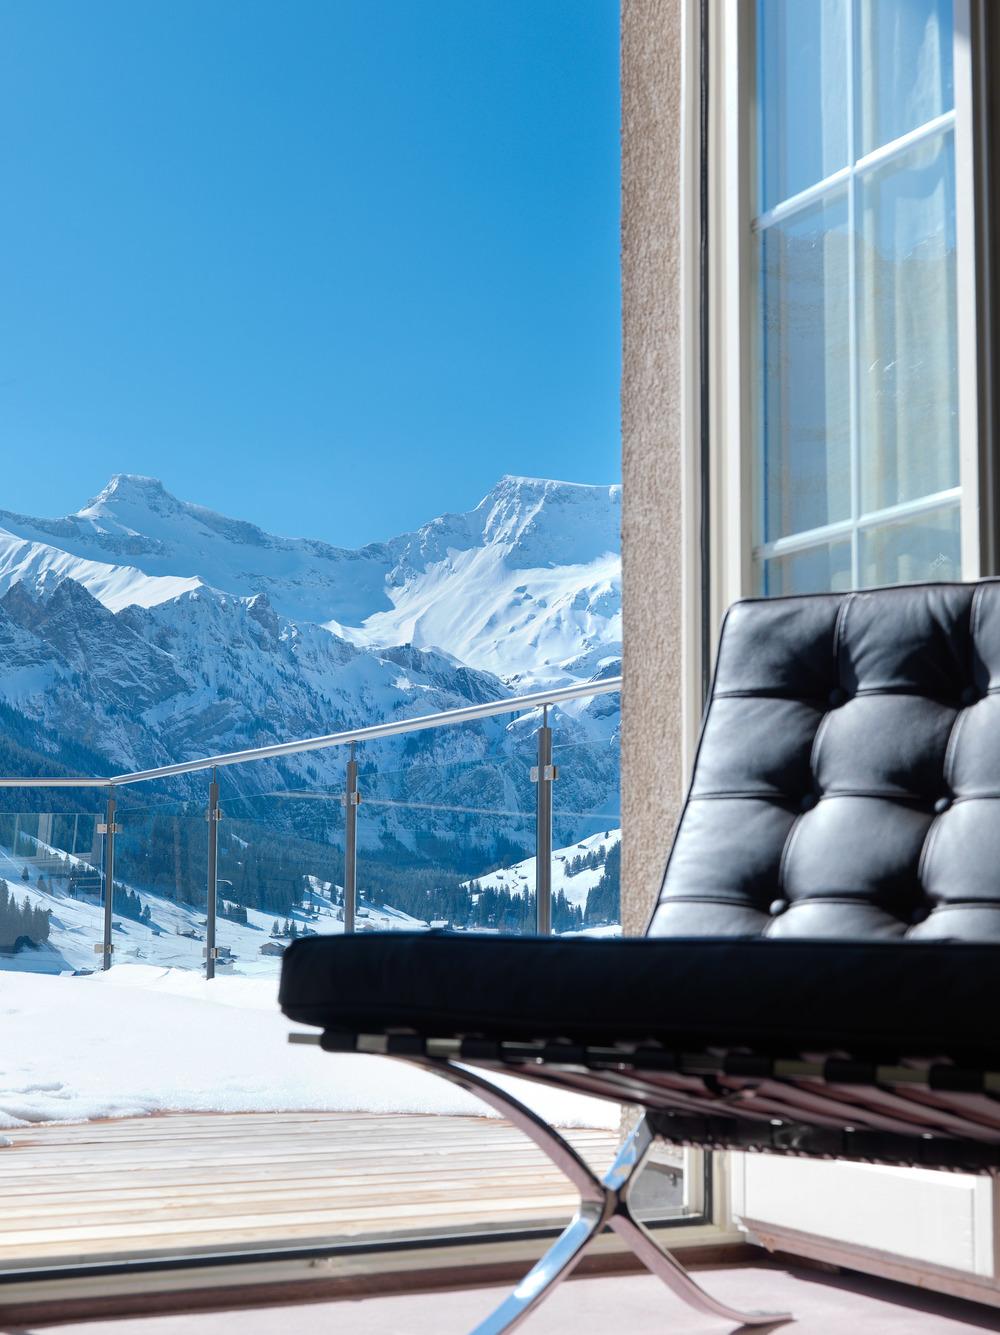 Solis Adelboden Swiss Alps 7.jpg